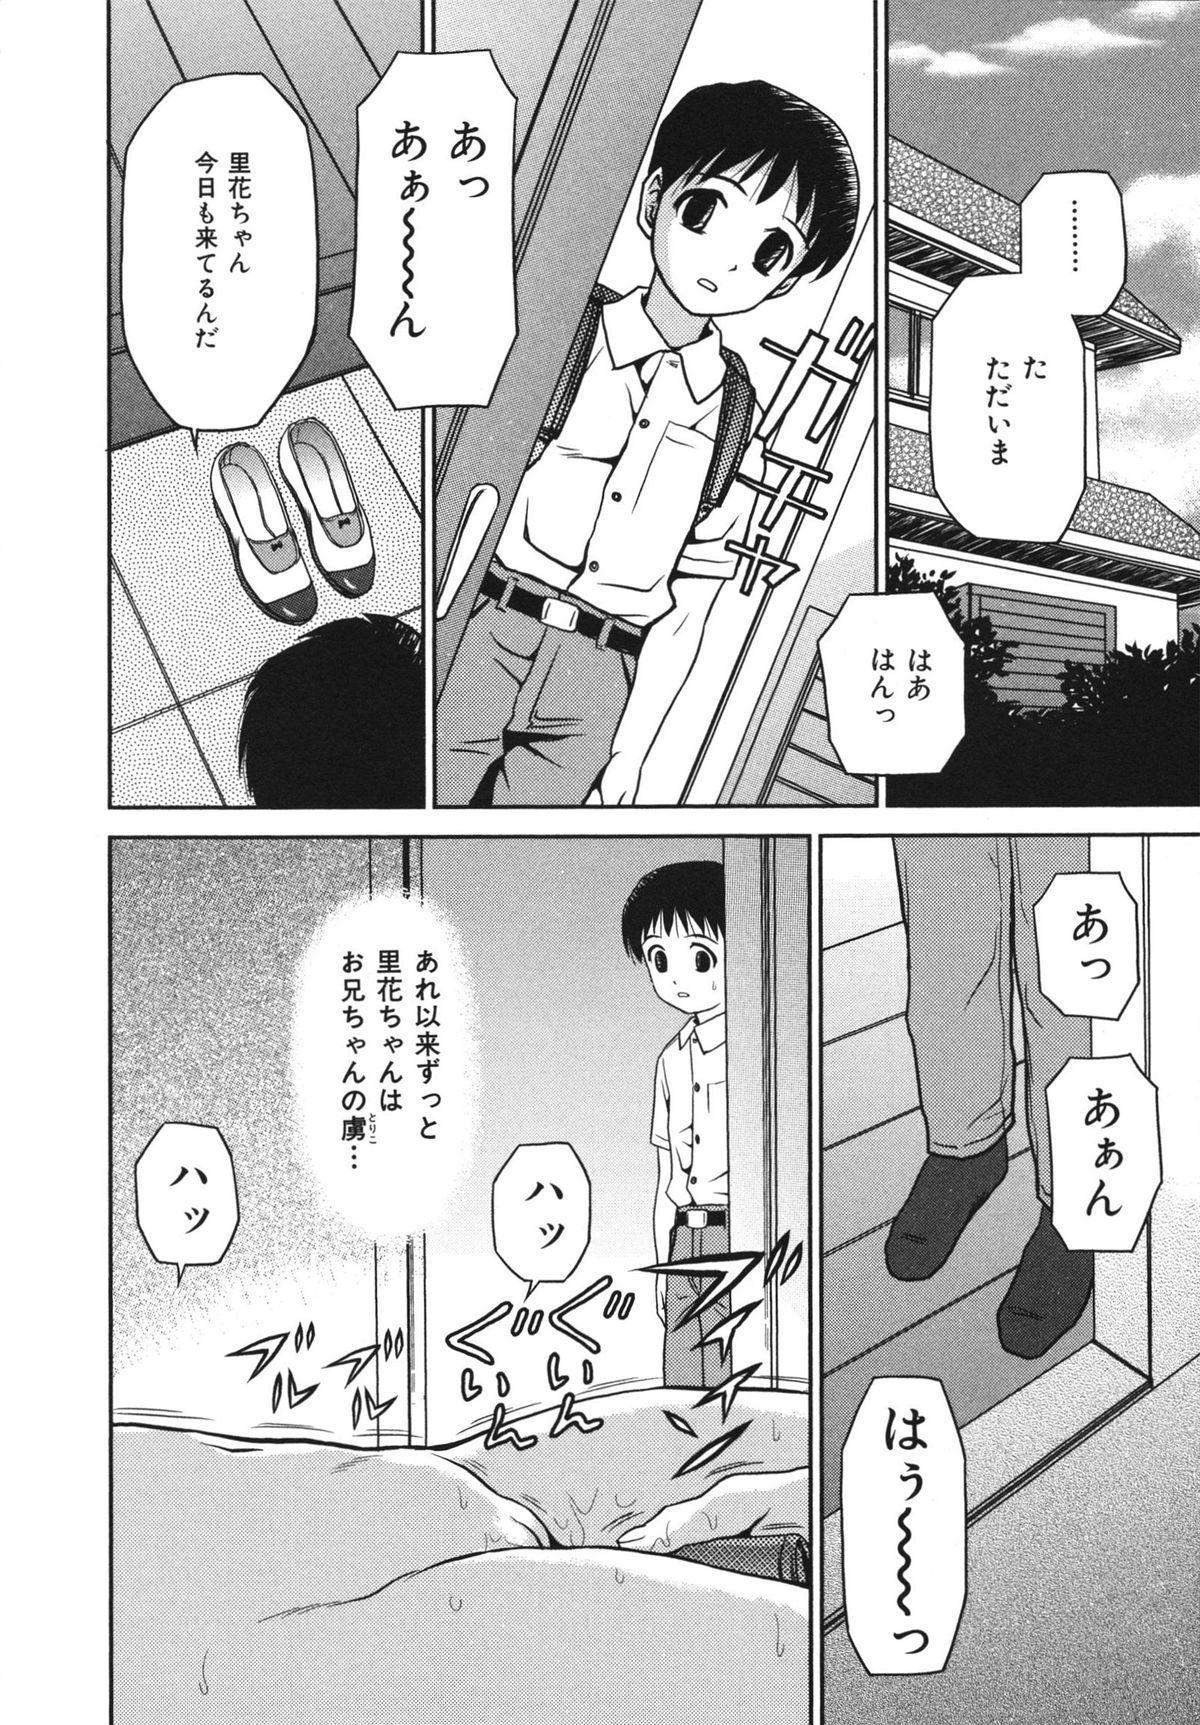 Houtai Shoujo - Bandage Girl 121